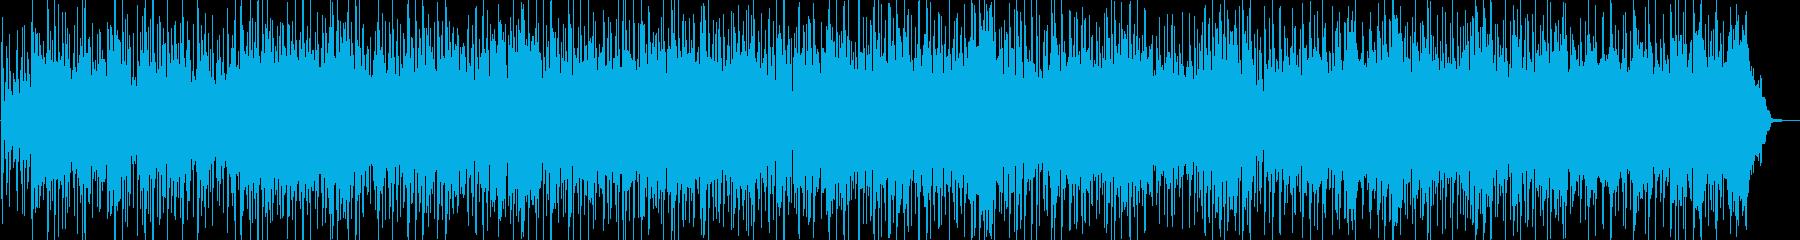 勇気が湧き上がってくるボレロ風BGMの再生済みの波形